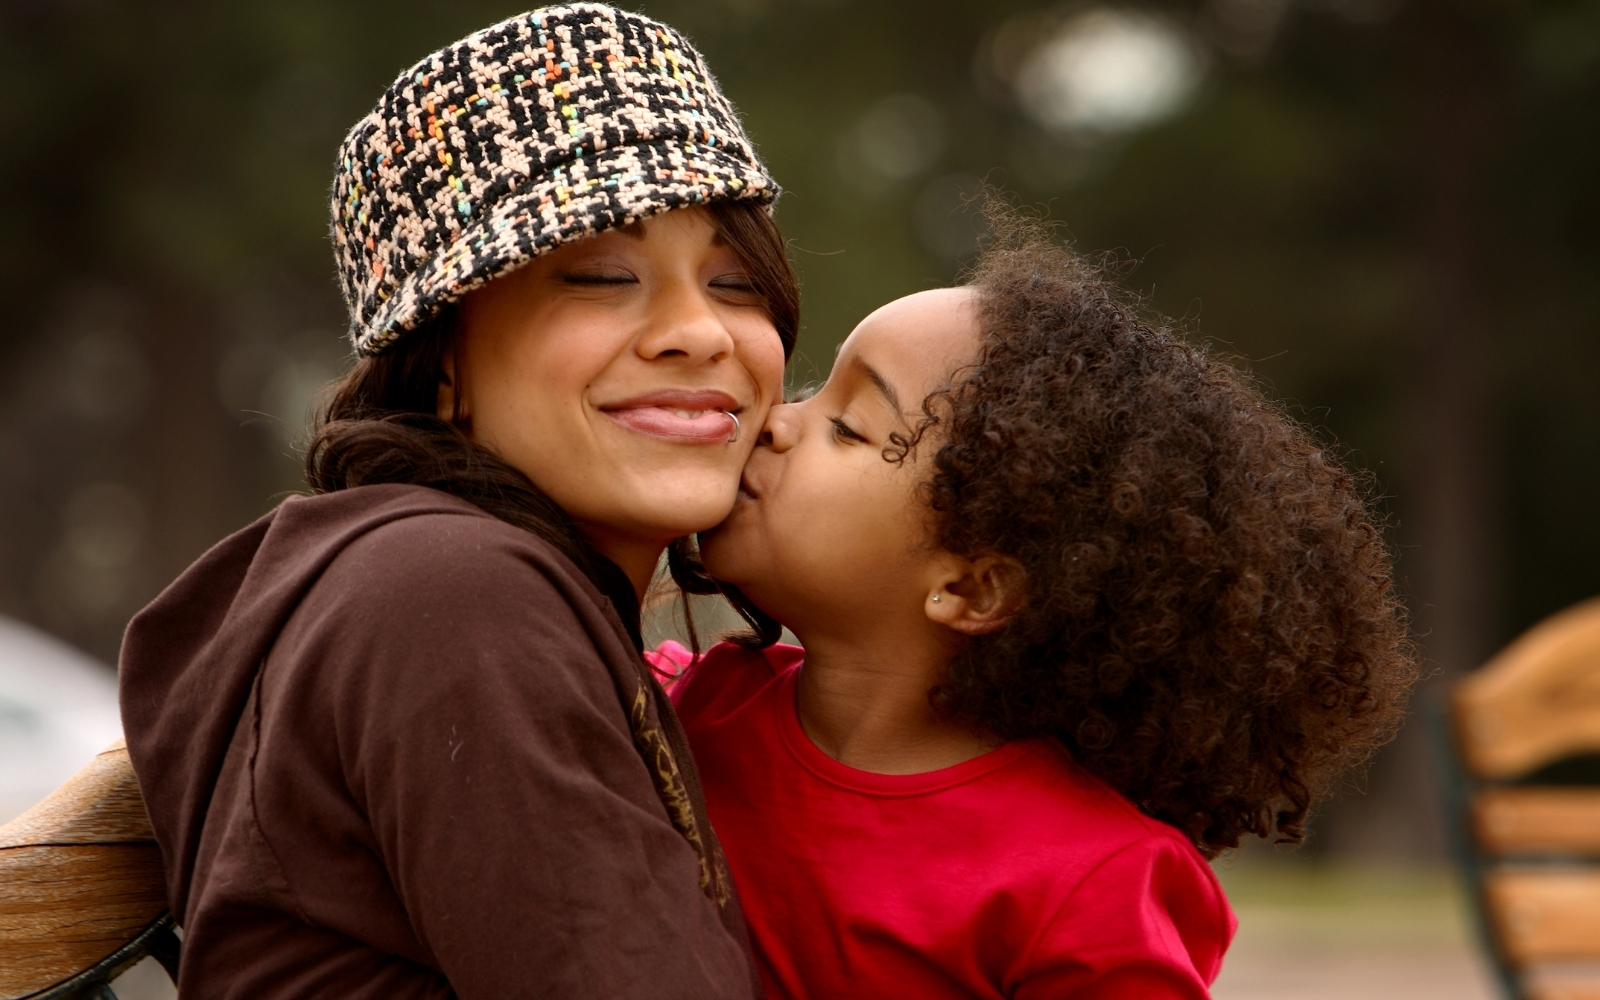 hija besando a su madre